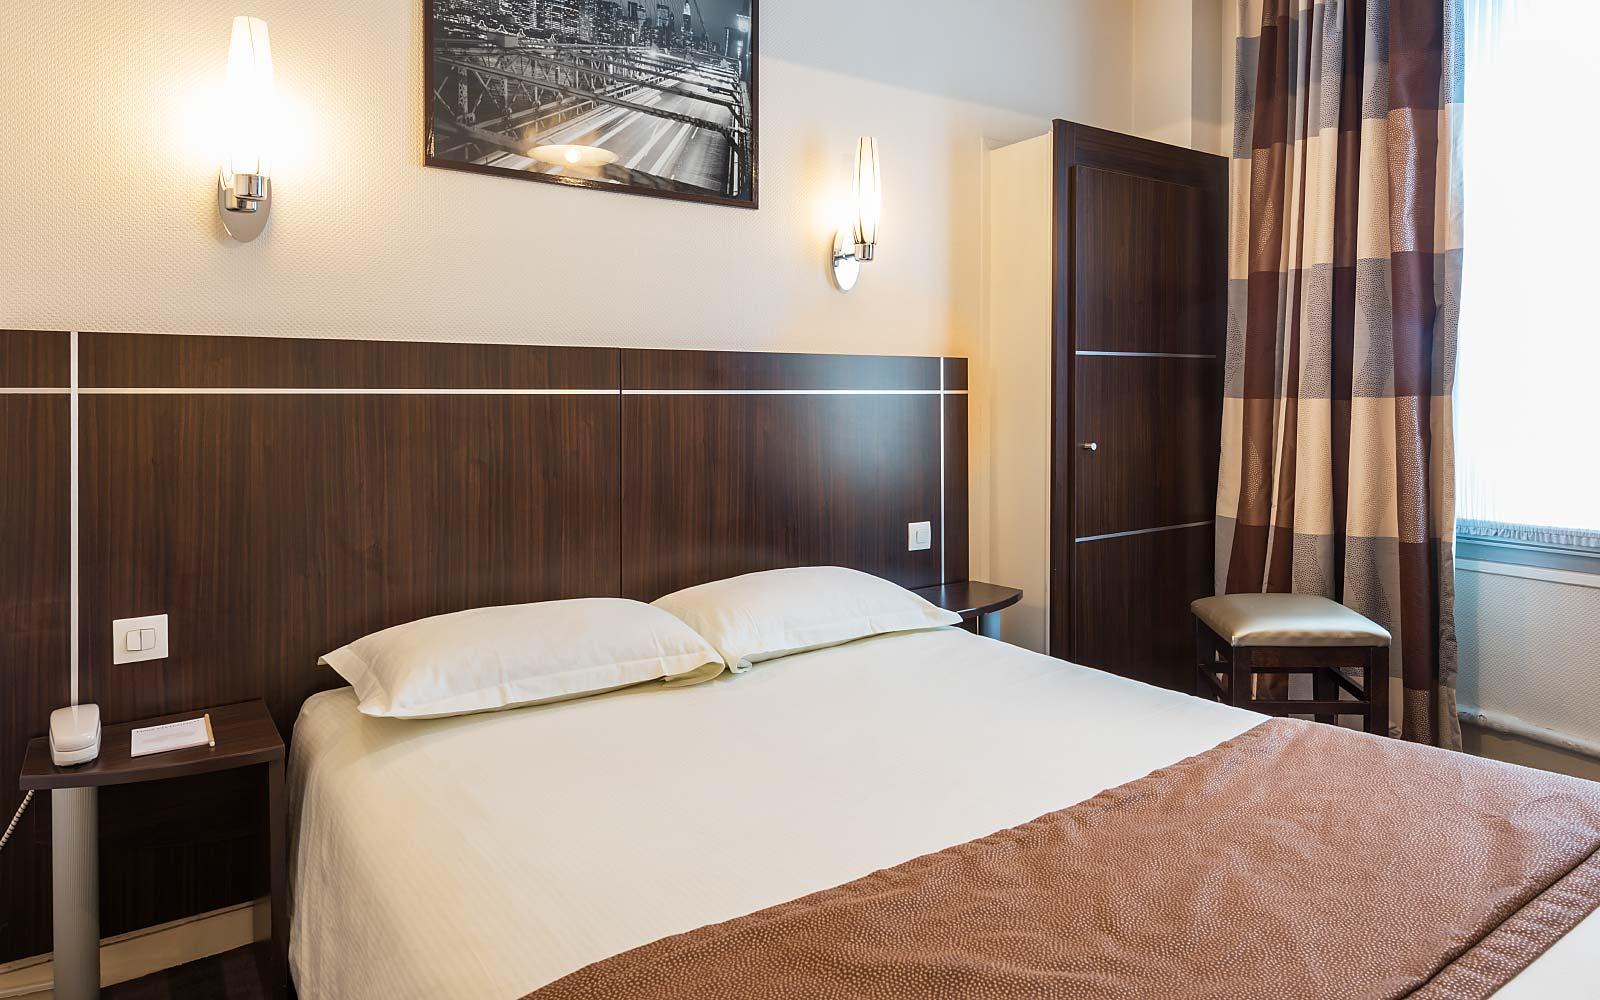 Chambres prix r duits paris centre hotel vivienne op ra - Hotel paris chambre 5 personnes ...